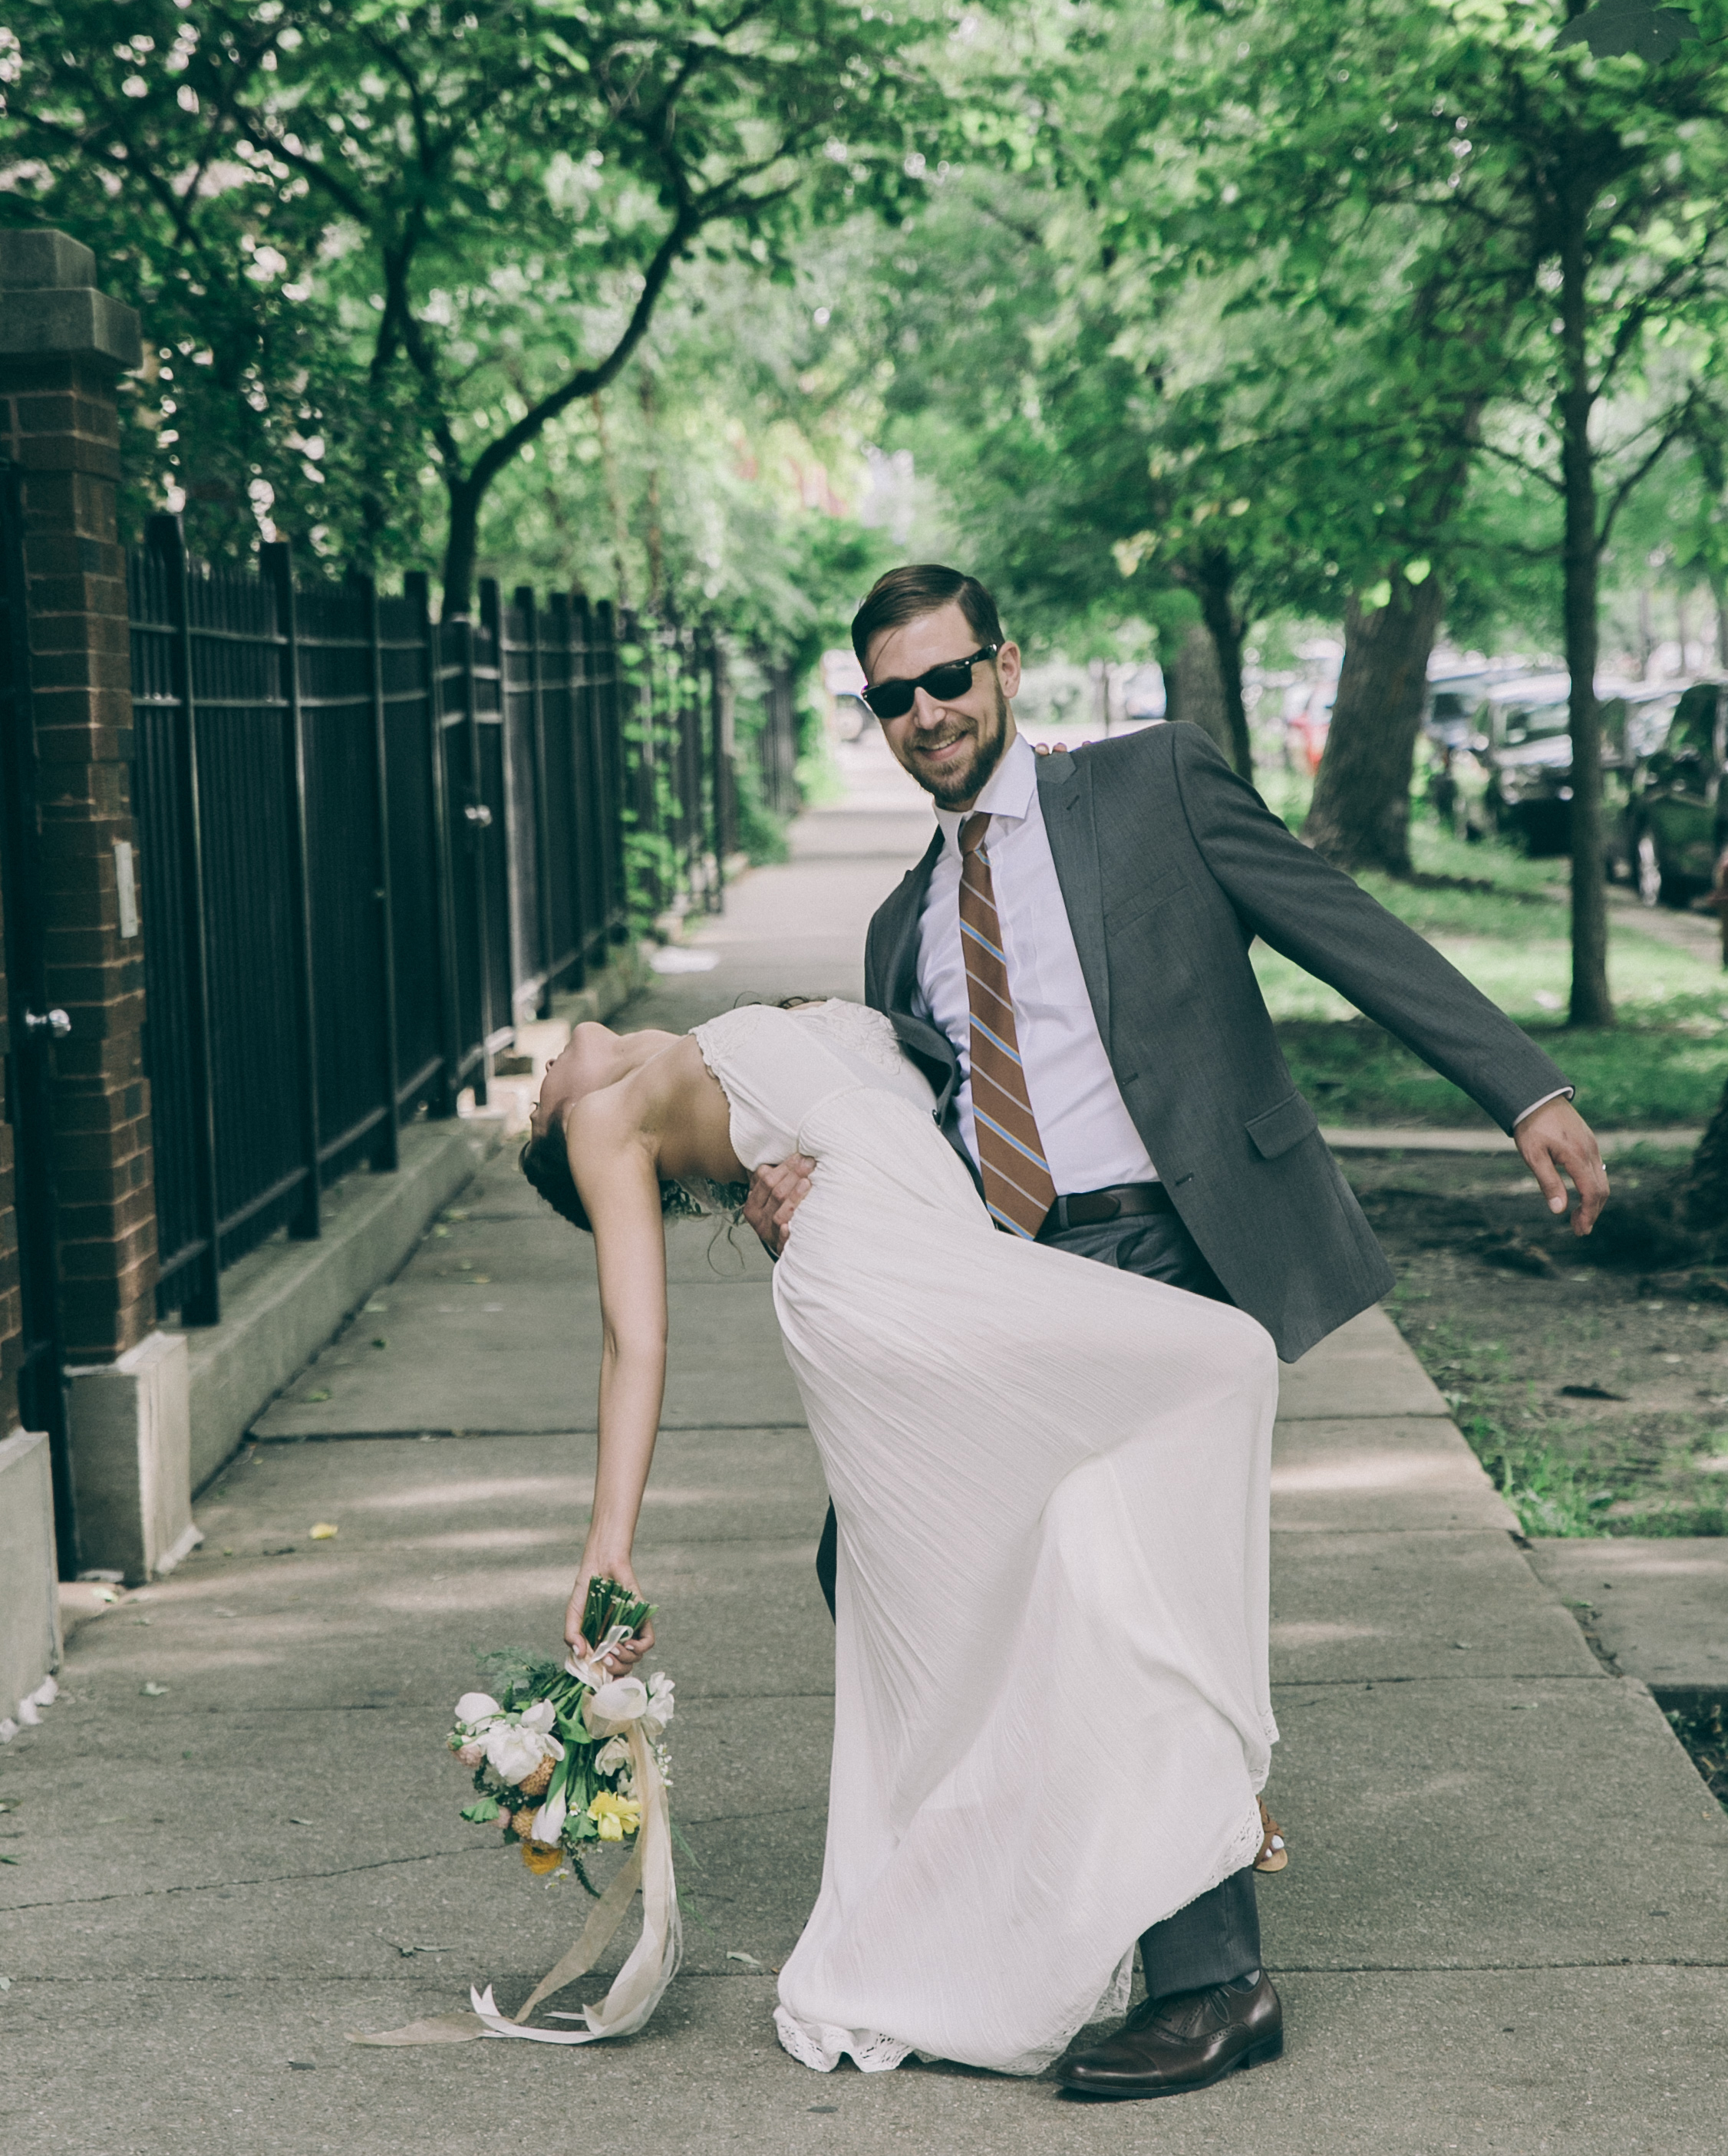 sadie-brandon-wedding-couple-102-ss112173-0915.jpg